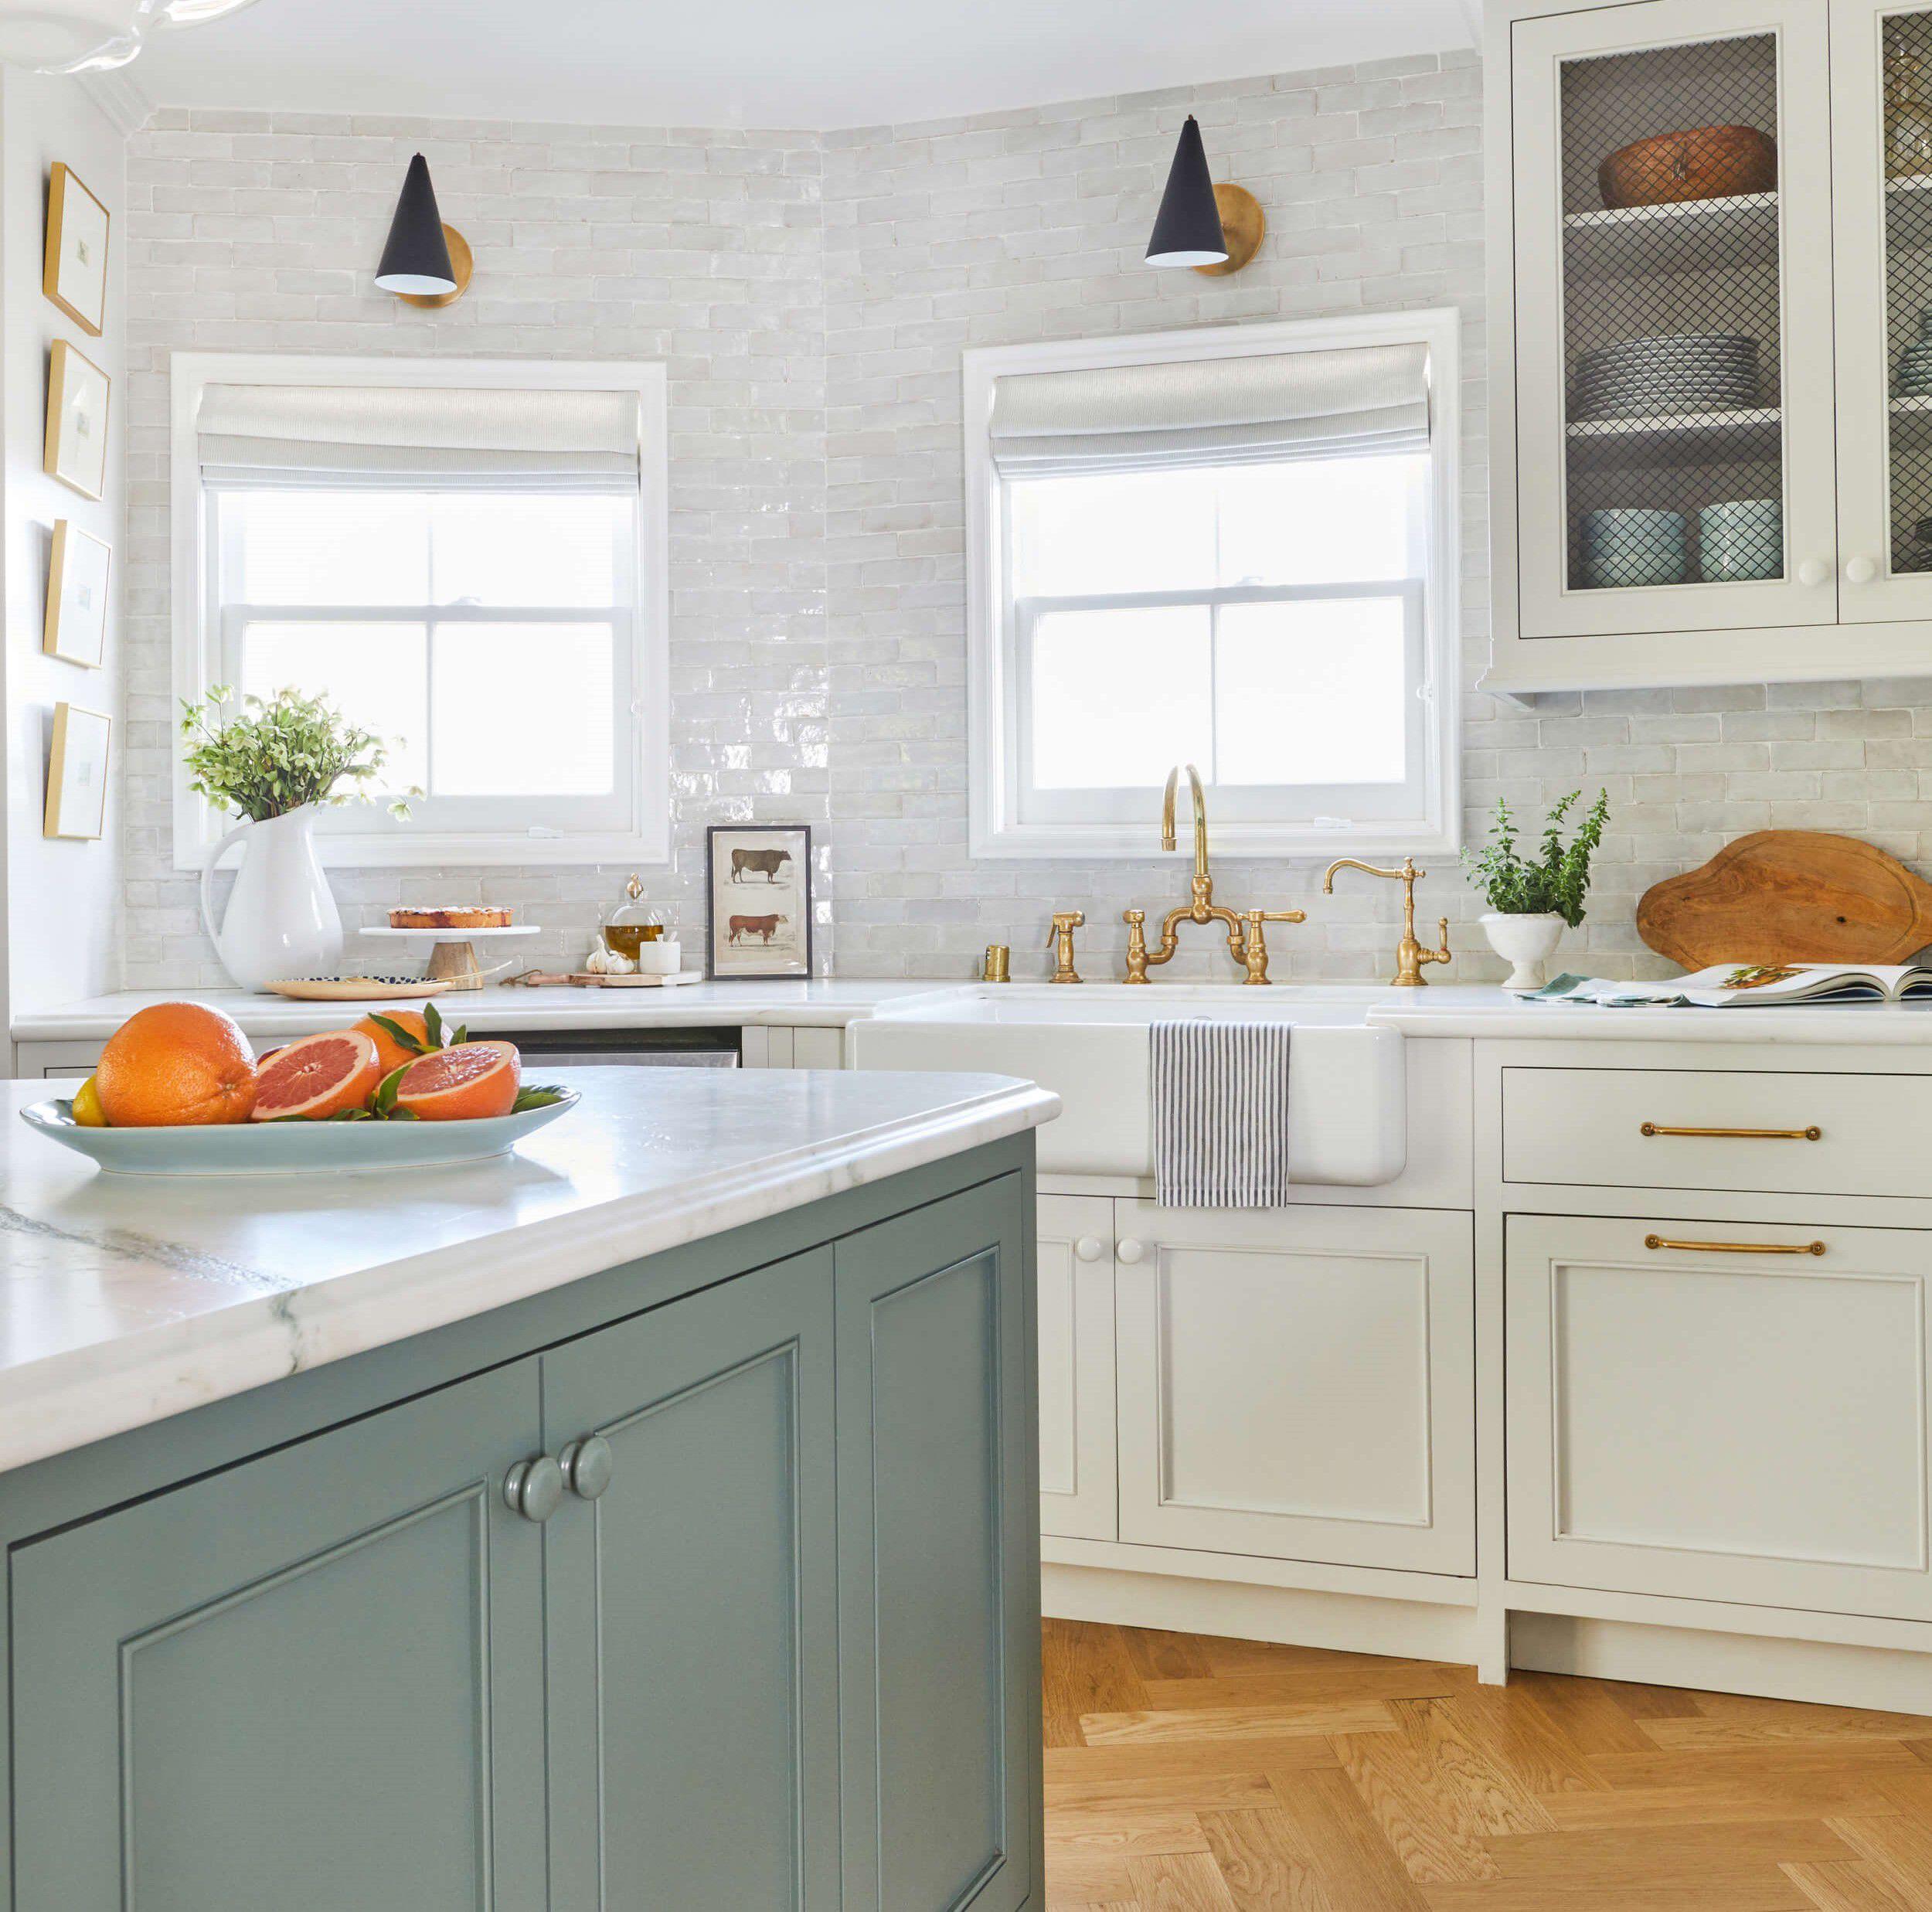 10 Unique Small Kitchen Design Ideas on Small Kitchen Ideas  id=93684